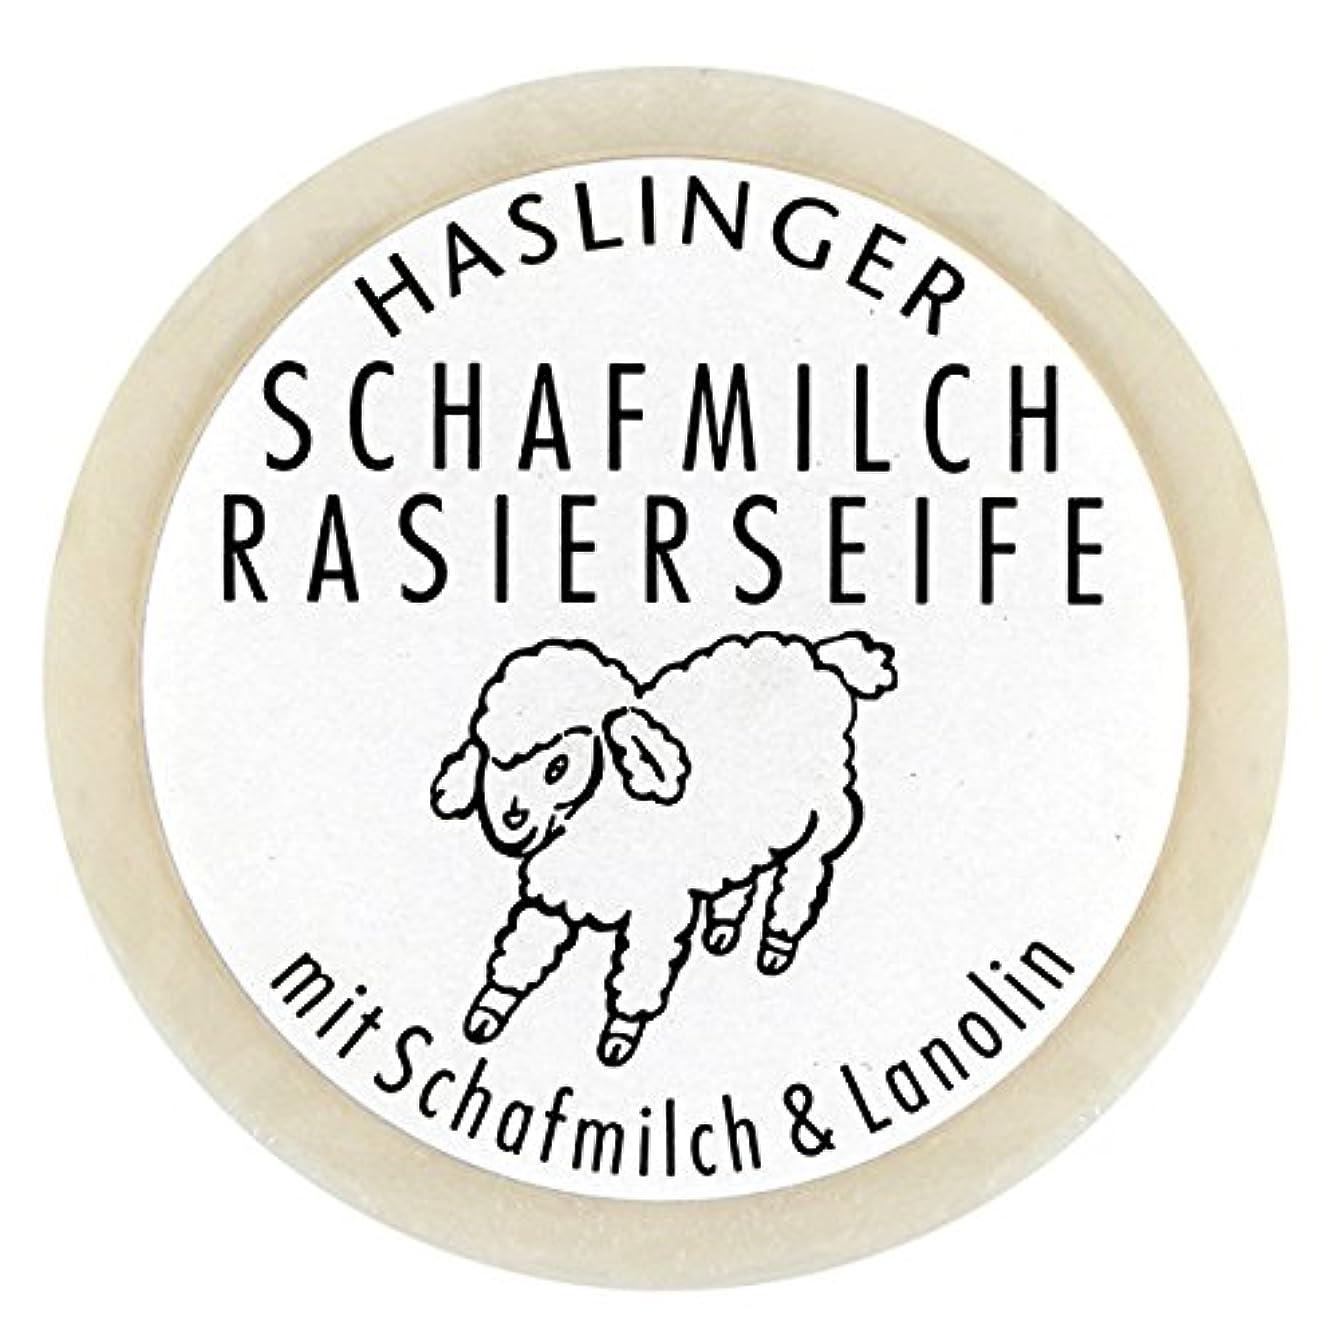 岩期待予防接種するSchafmilch Rasierseife (Ewe`s Milk Shave Soap) 60g soap bar by Haslinger by Haslinger